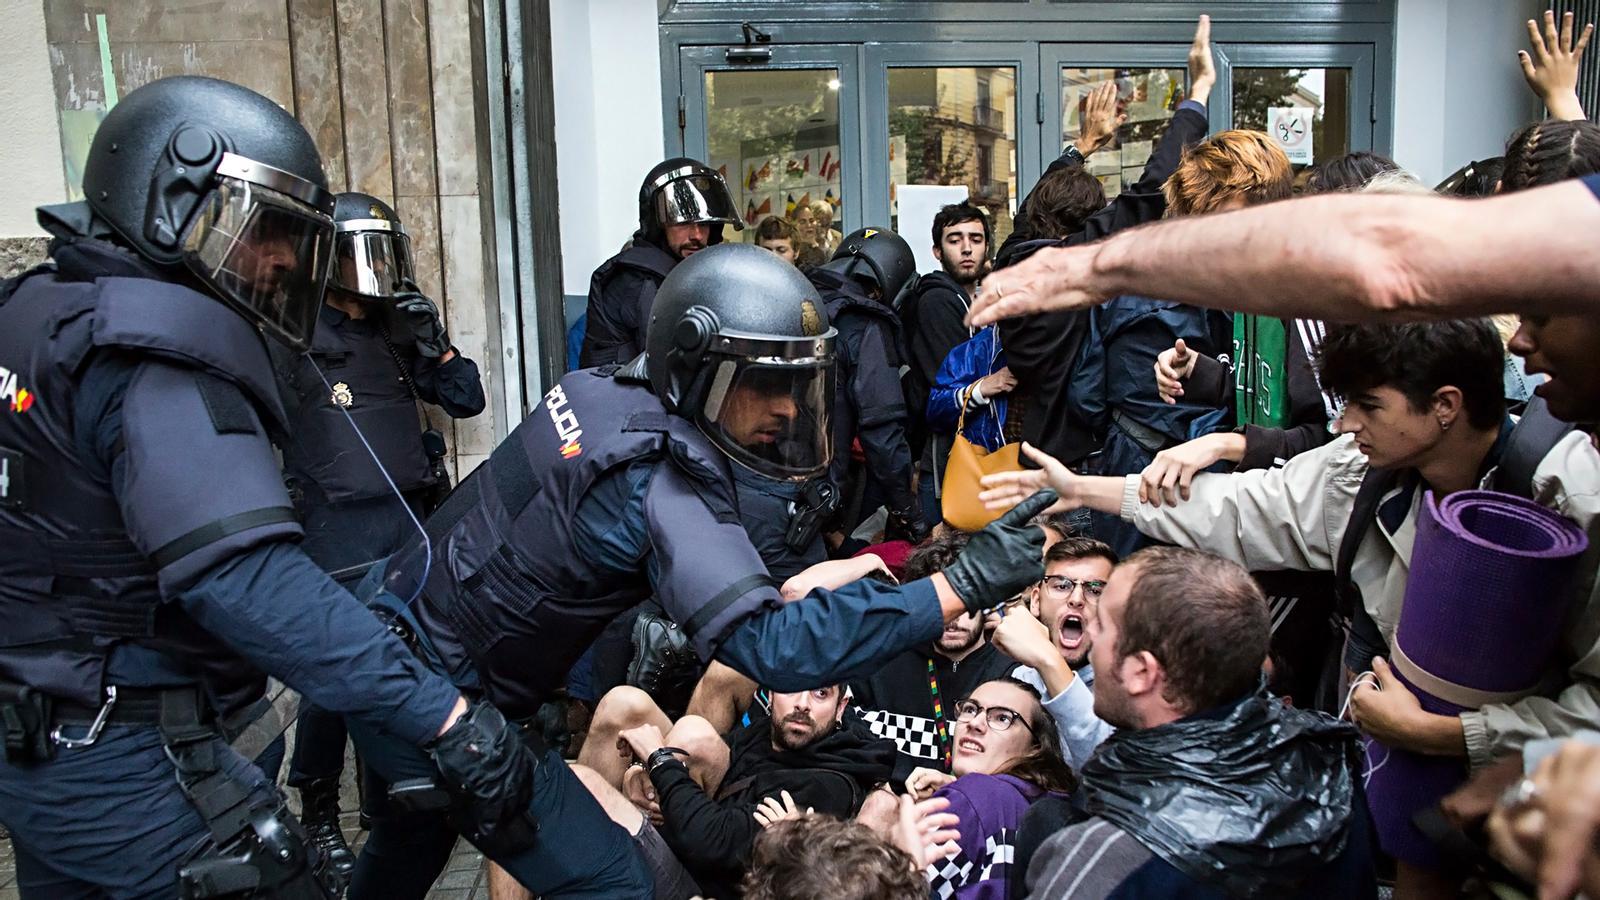 L'anàlisi d'Antoni Bassas: 'Davant la manifestació provocadora de la policia, d'aquest dissabte'